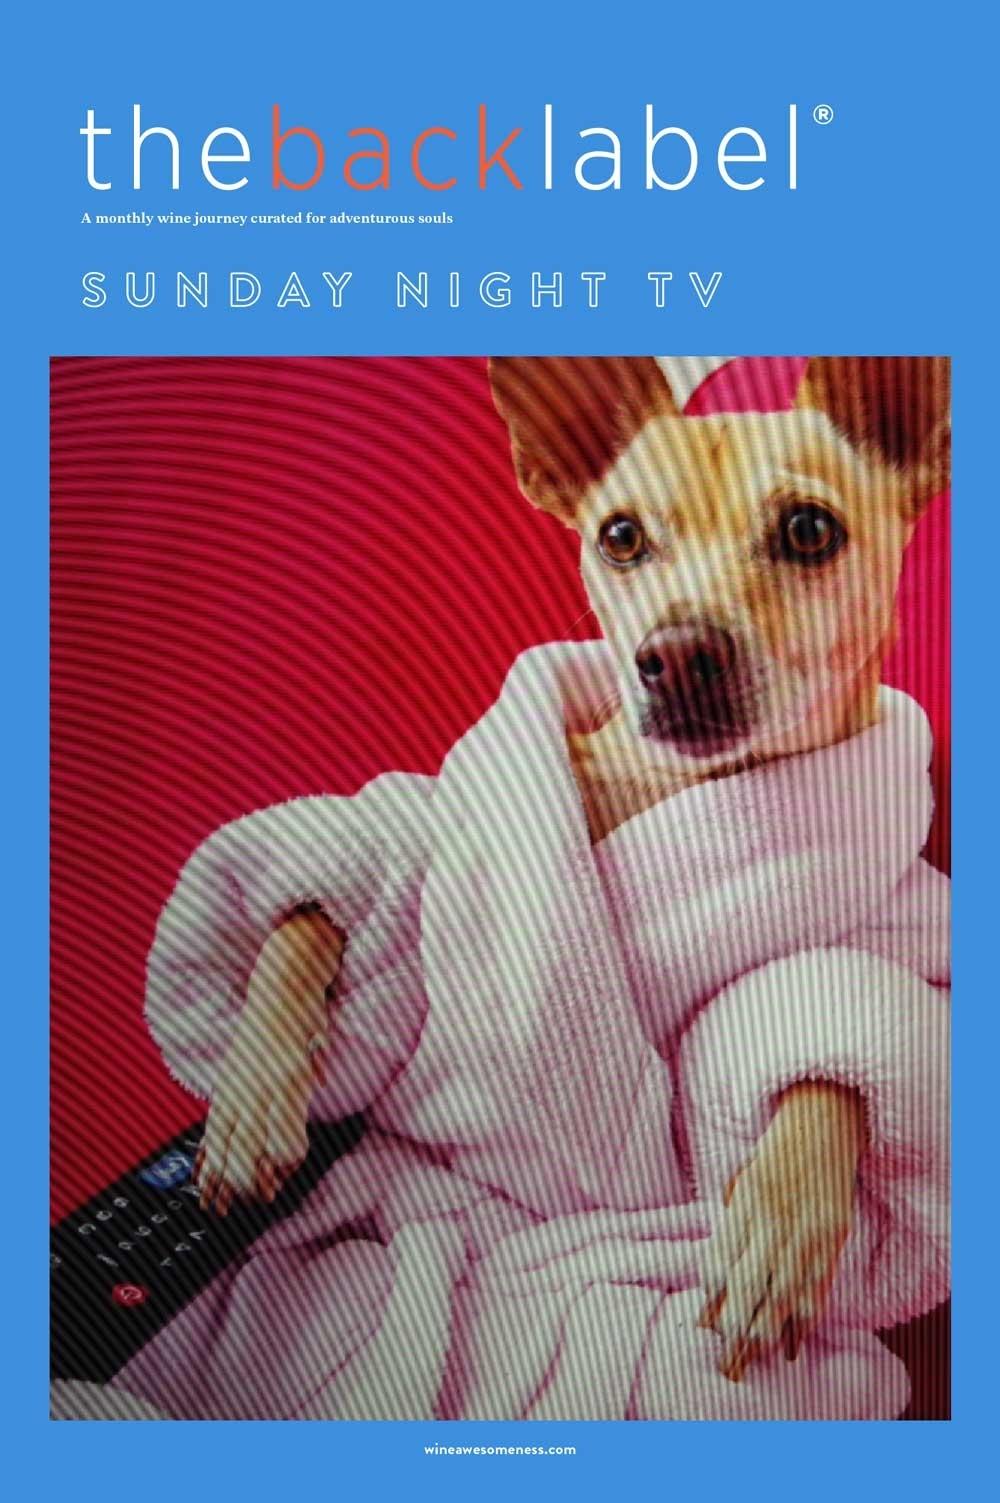 Sunday Night TV